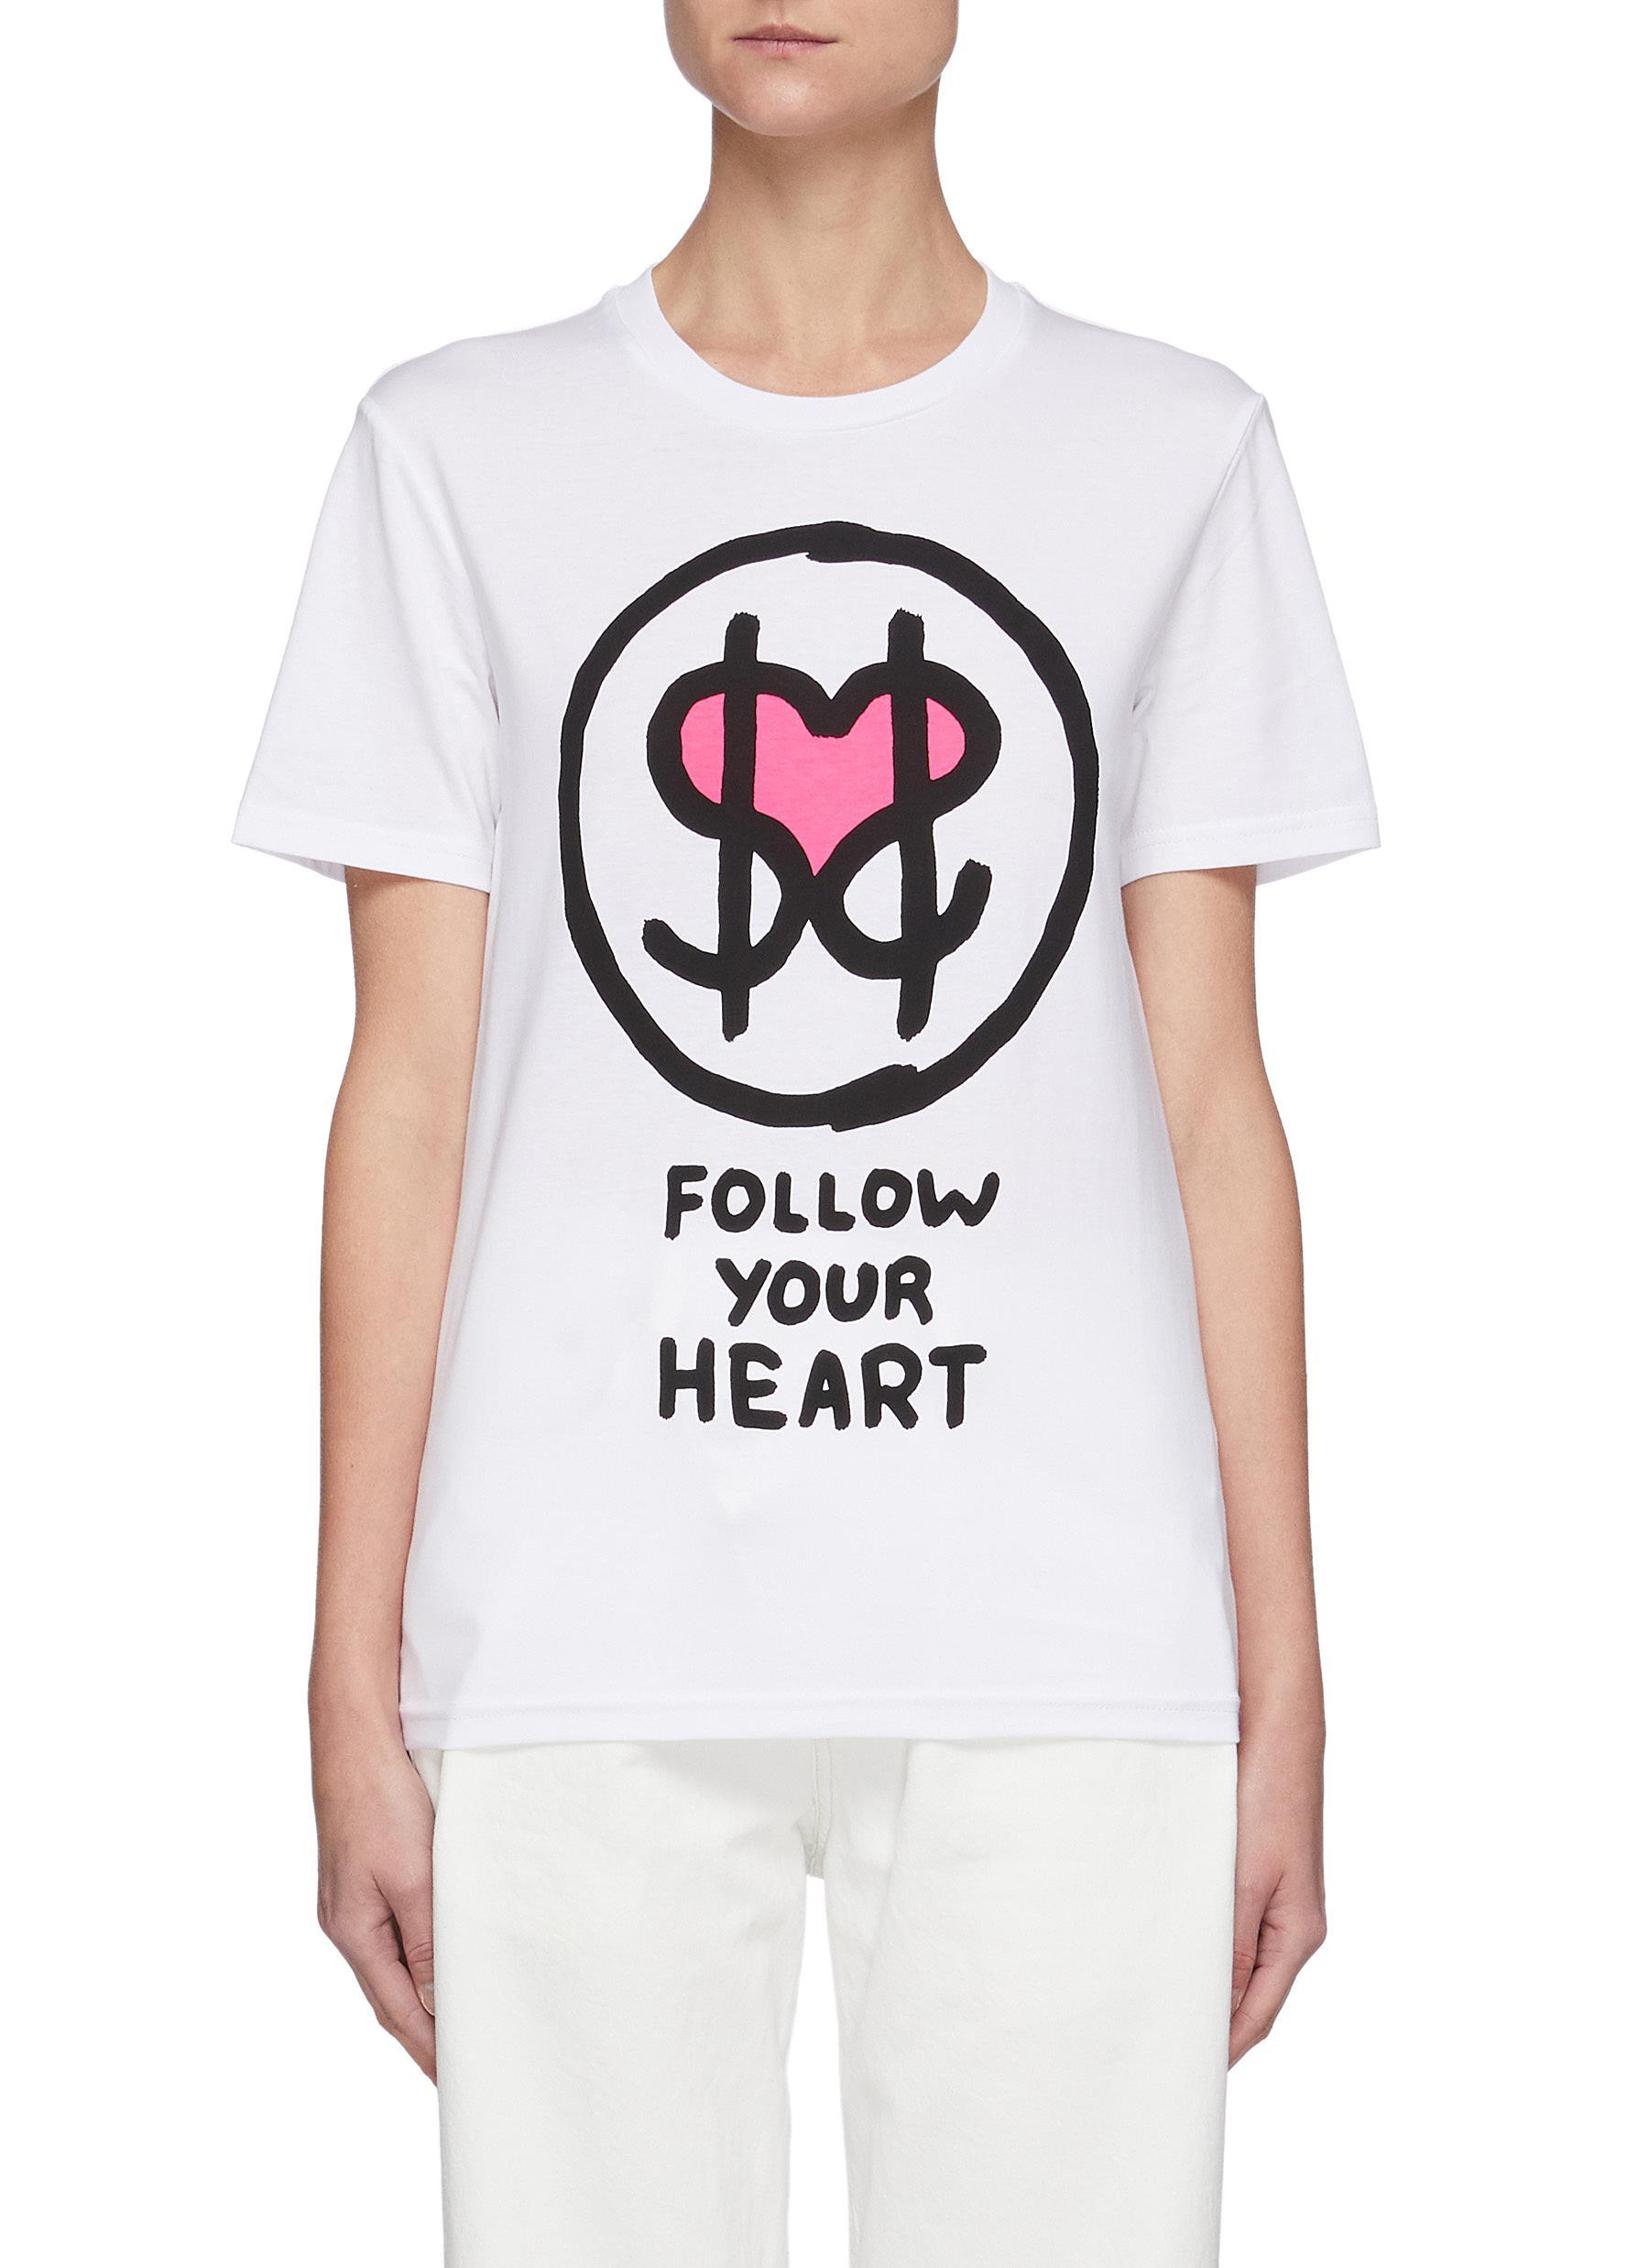 Follow Your Heart Dollar Sign Tee